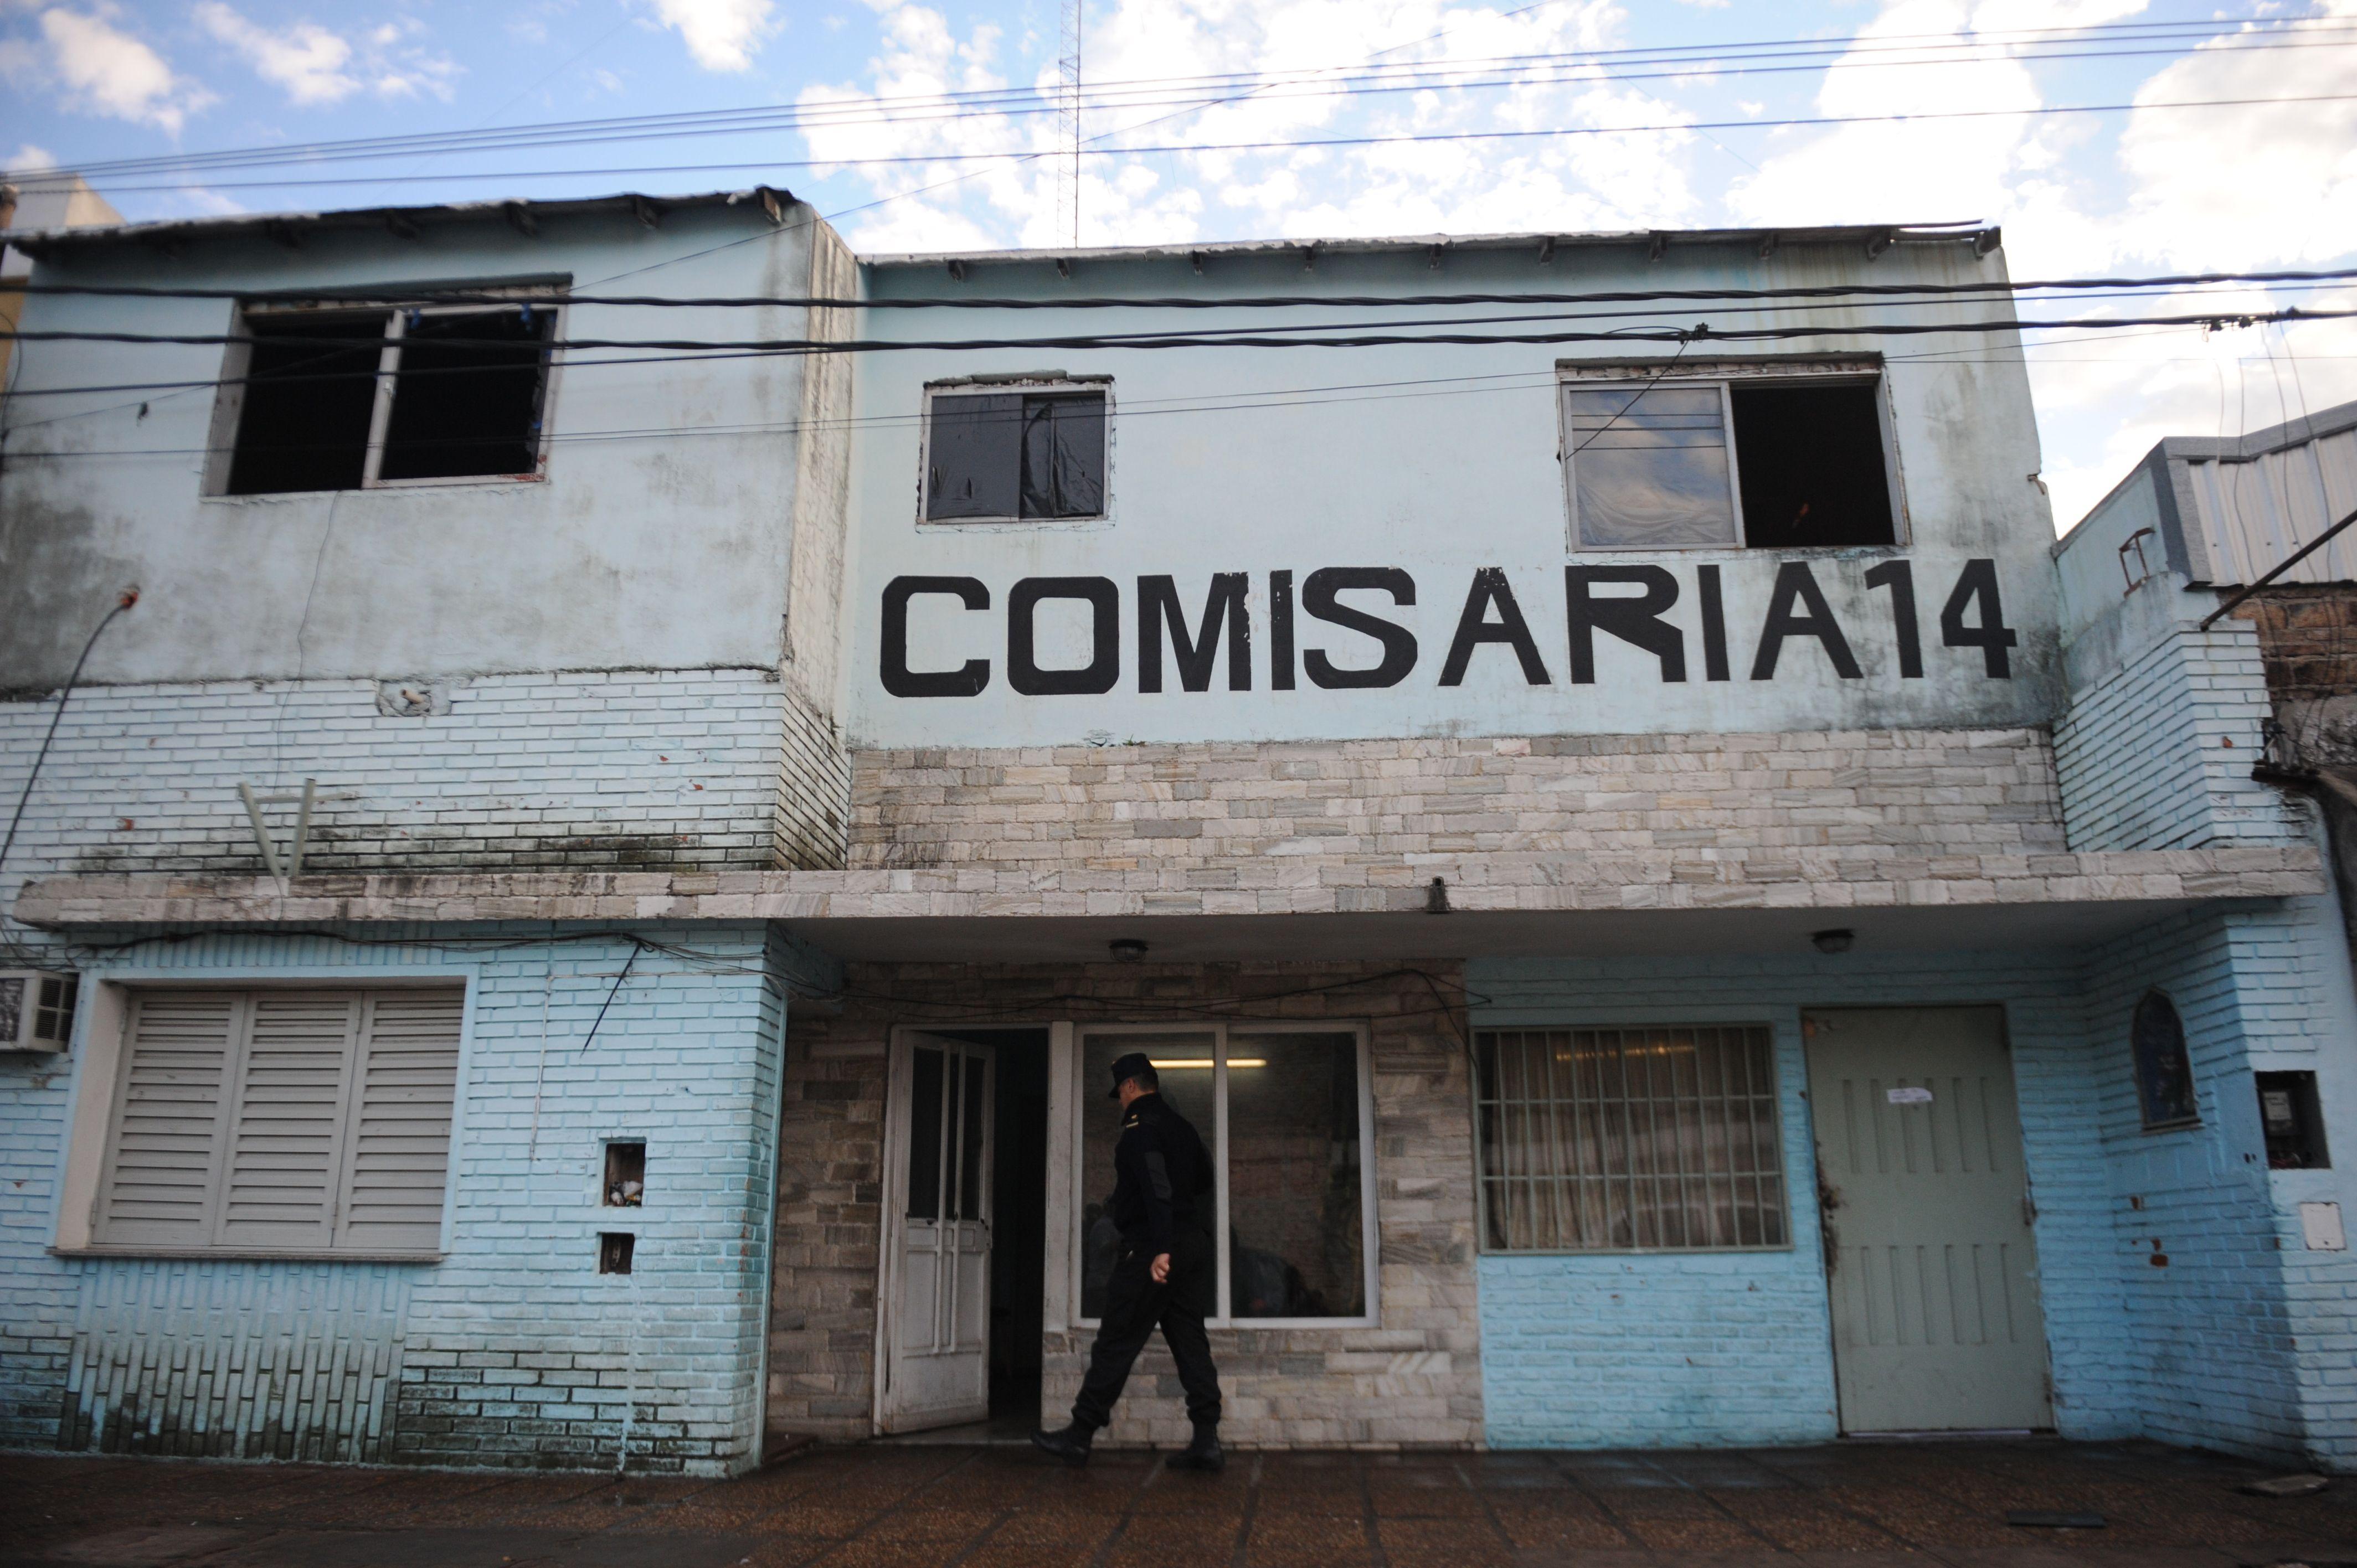 Tres delincuentes balearon a los efectivos que anoche estaban de guardia en la comisaría 14ª en barrio Belgrano.